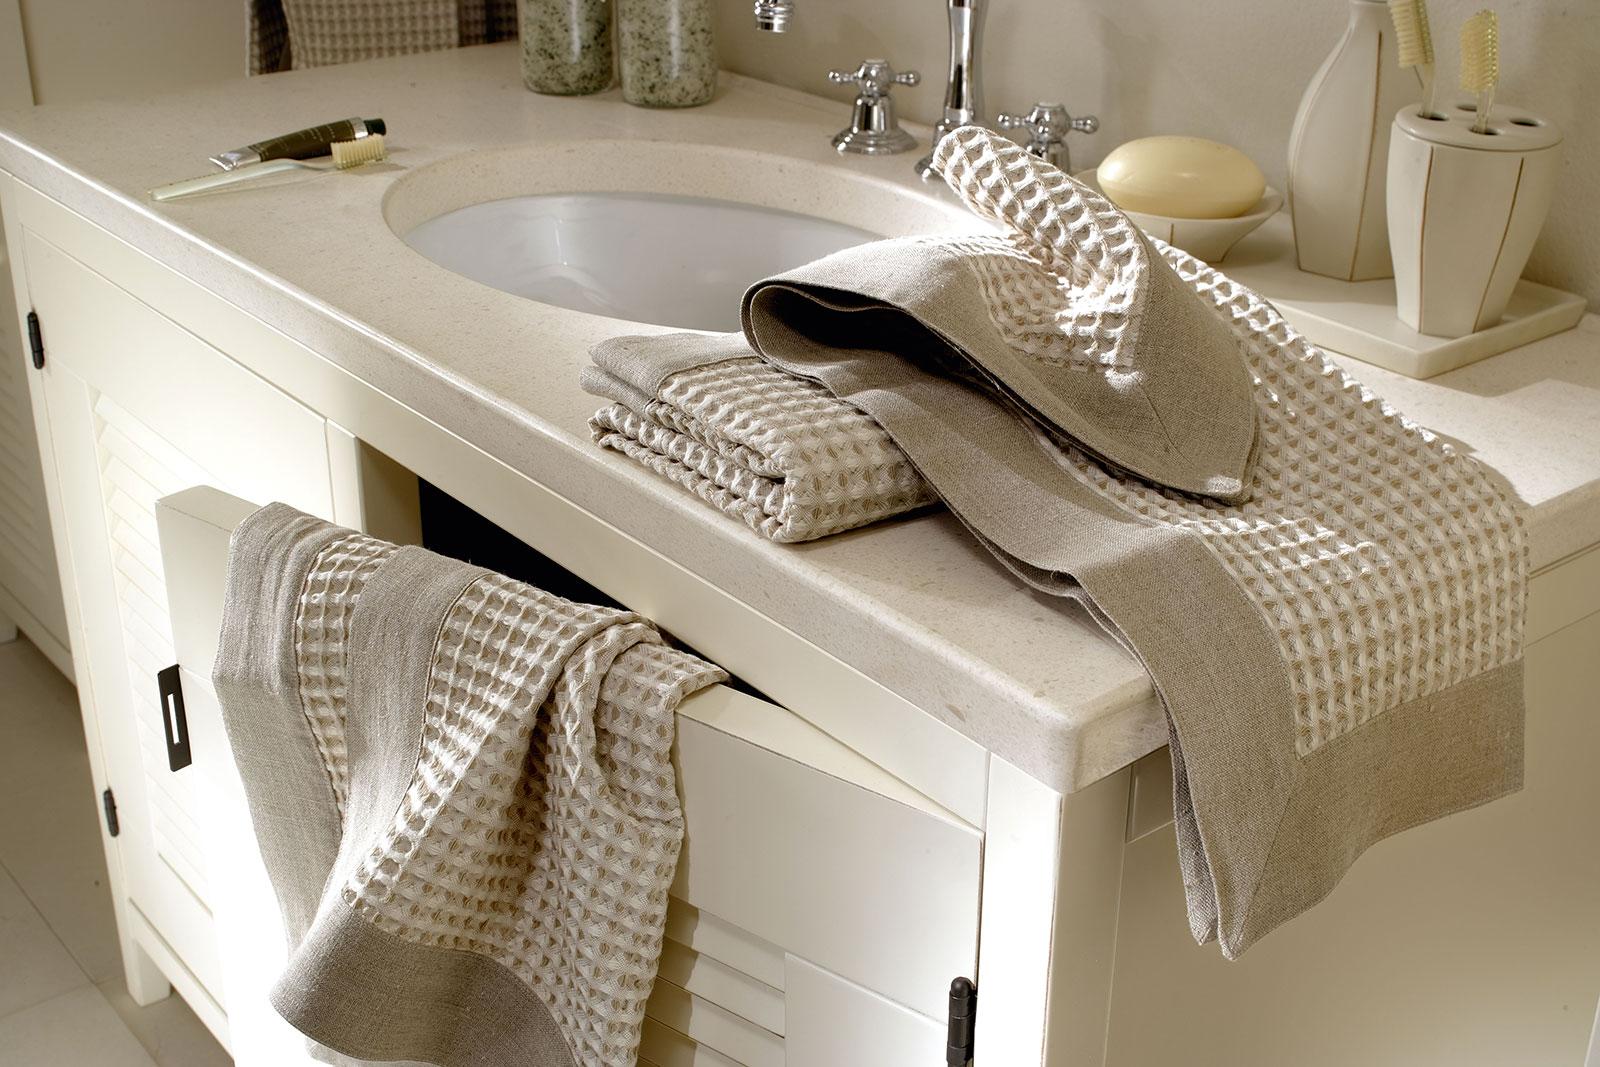 Bagni moderni particolari berloni bagno shows in its elegance of shapes and geometries in - Specchi particolari per bagno ...